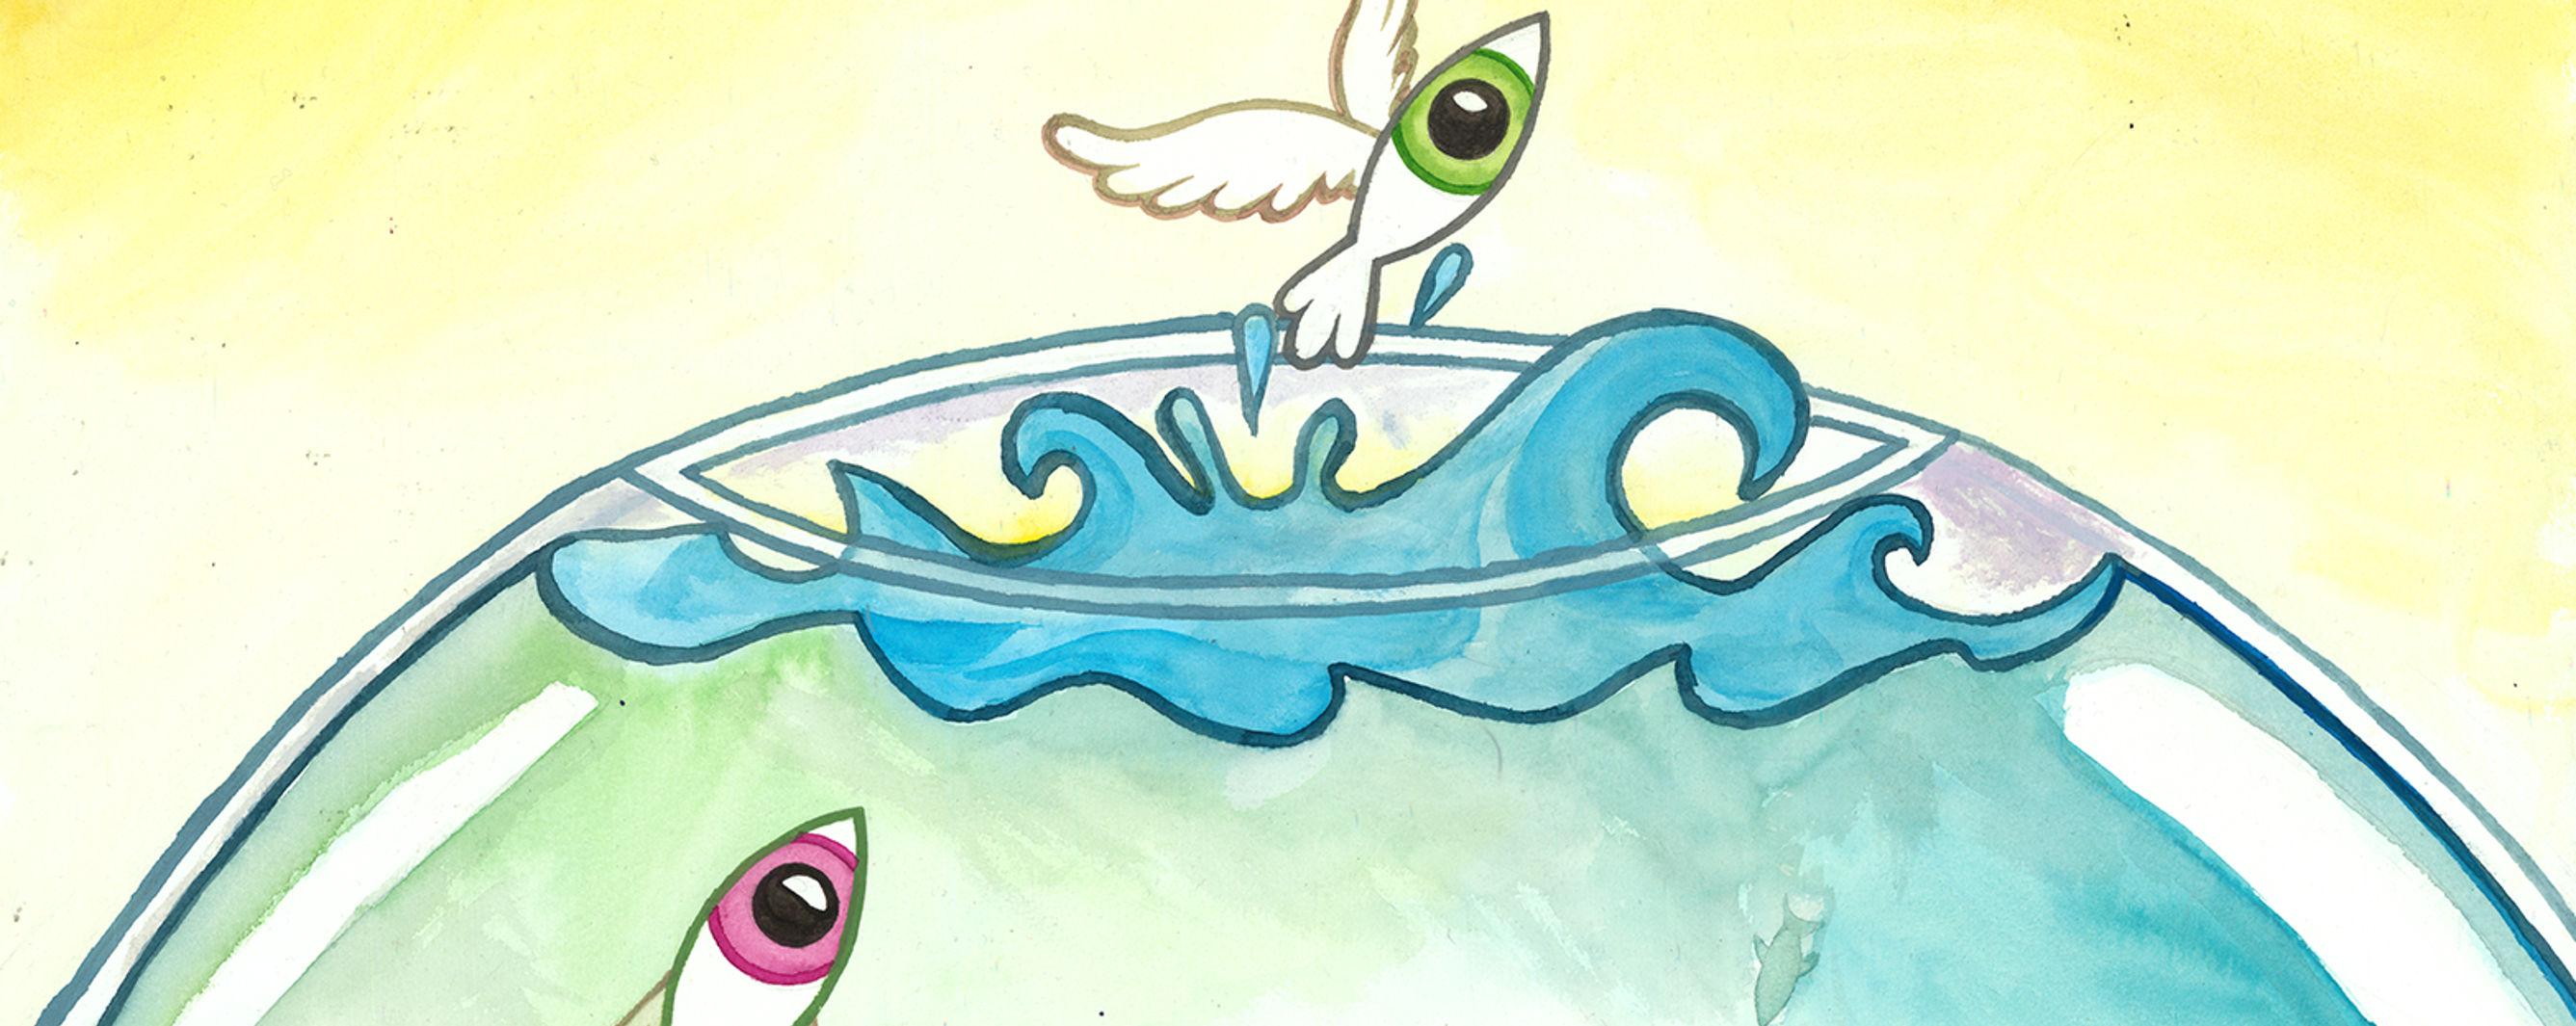 Fisch springt aus Aquarium